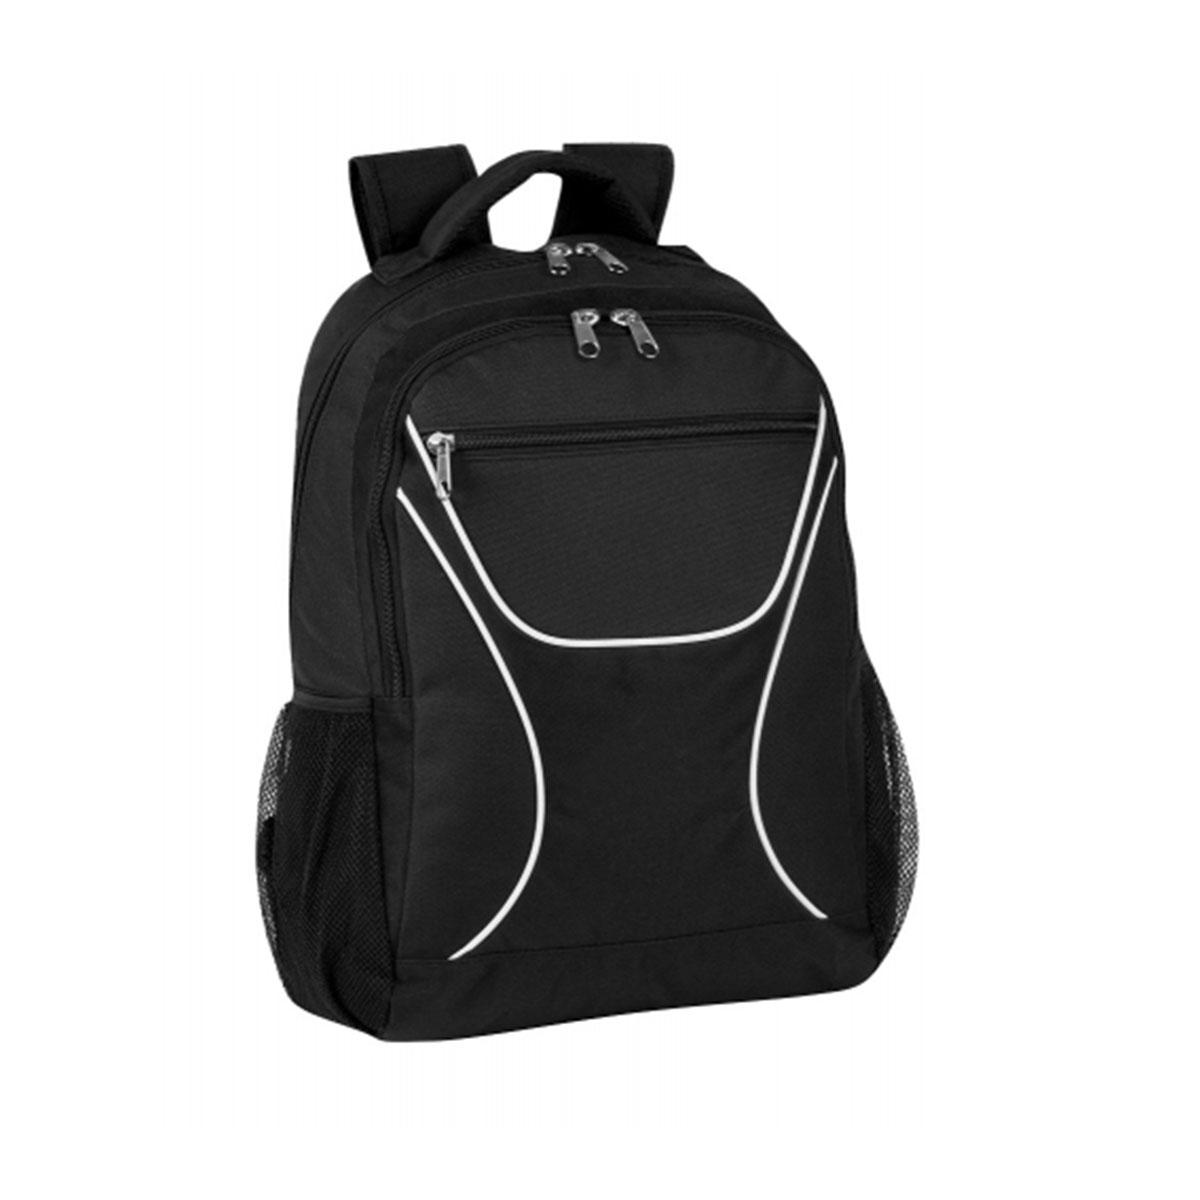 Backpack-Black / White / Black